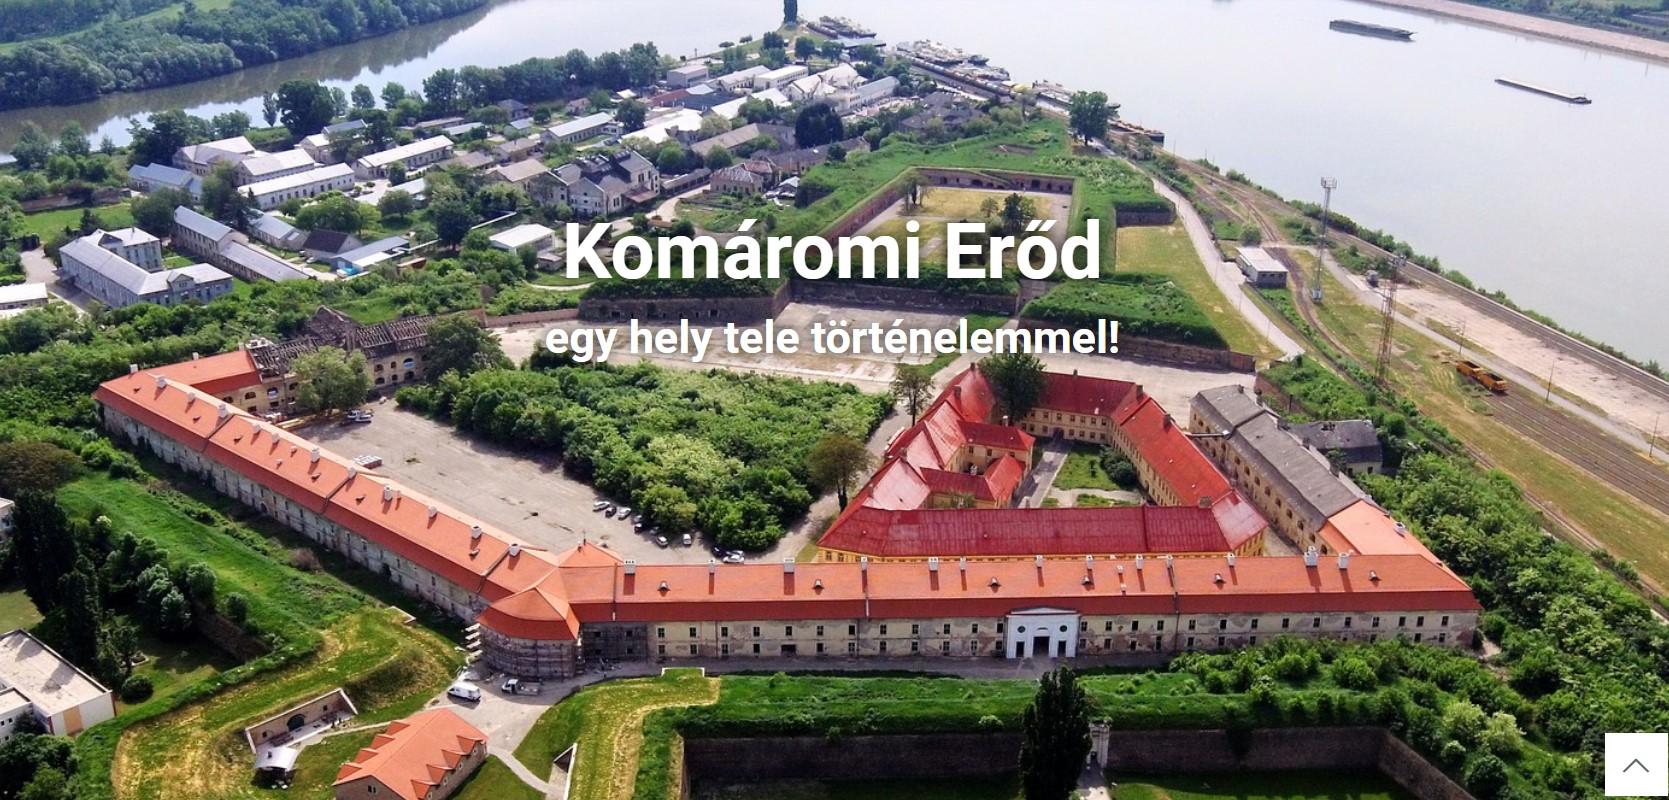 komáromi erőd hivatalos oldala: